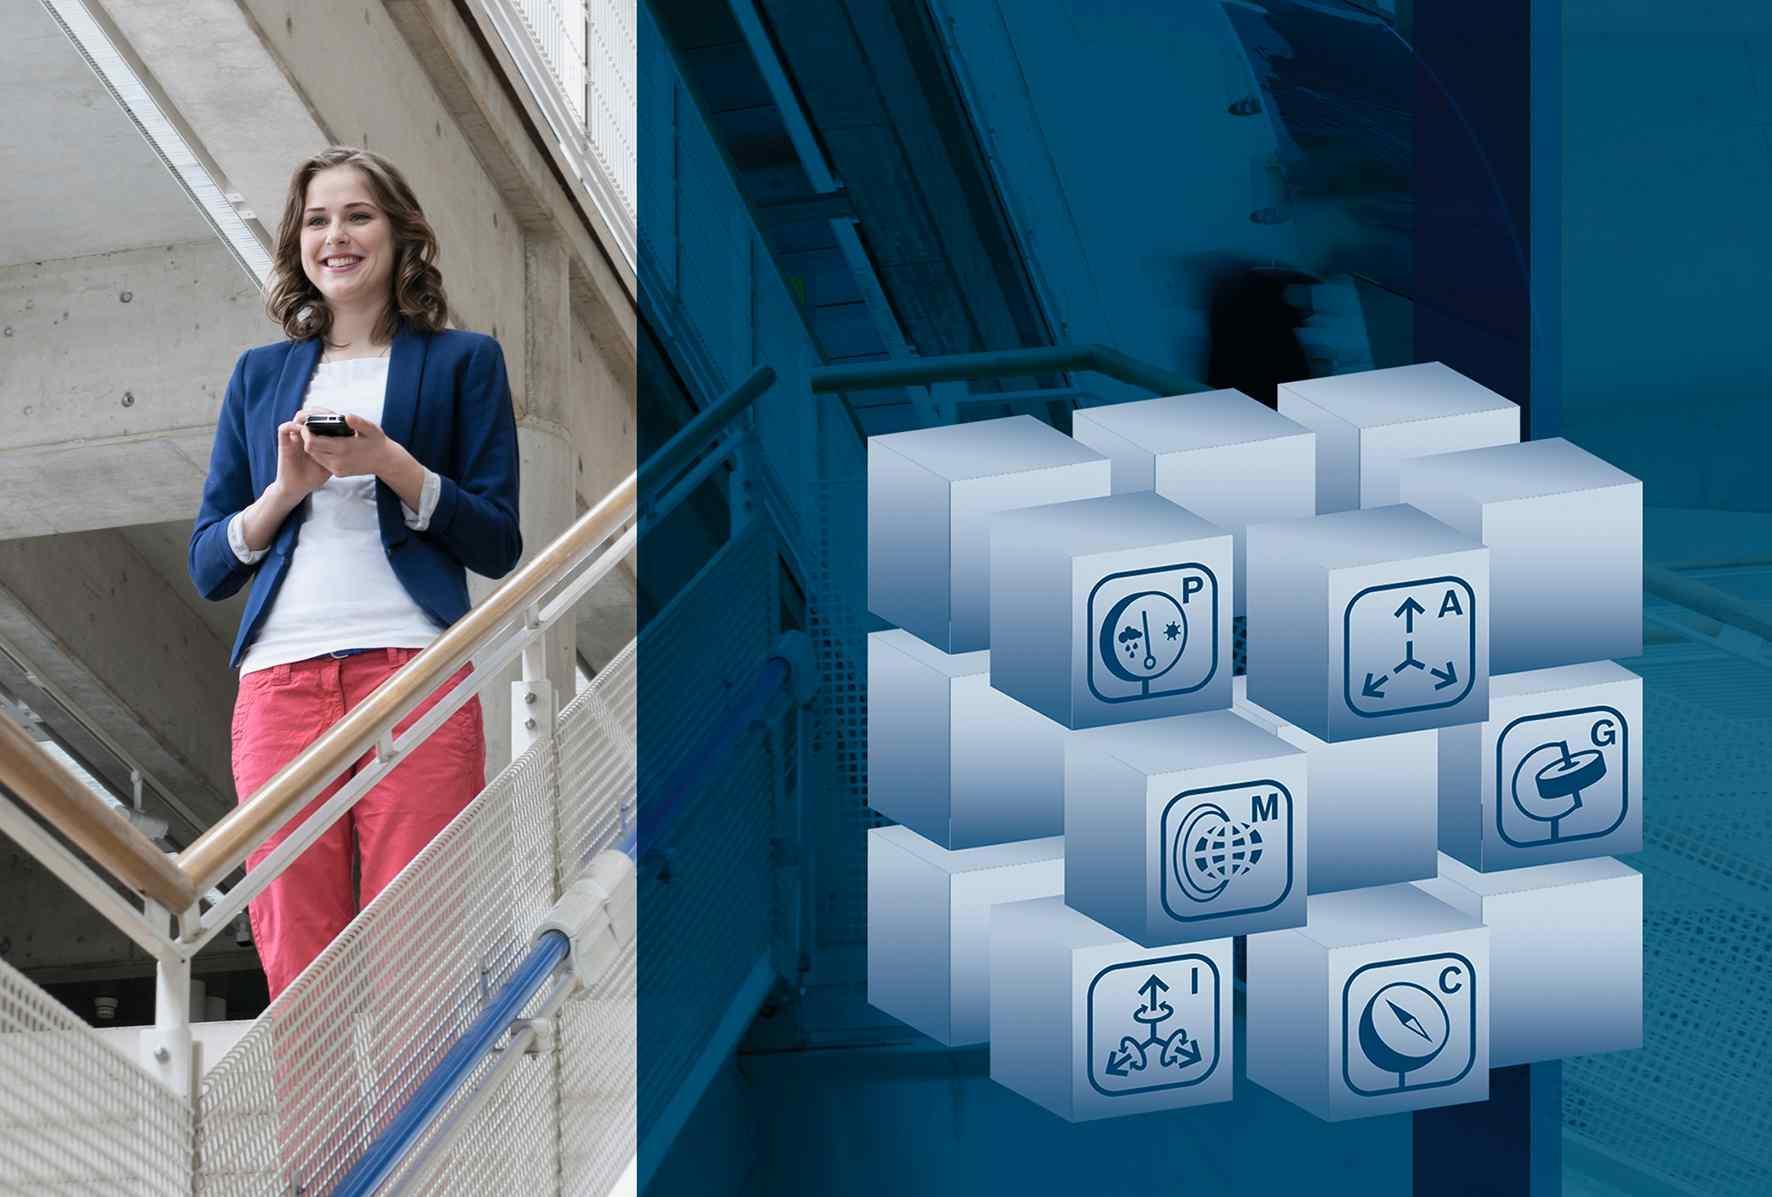 Világszerte minden második új okostelefonban a Bosch akár 20 érzékelője dolgozik már ma is, ezek például a gyorsulást, a hőmérsékletet vagy a légnyomást mérik. Képünk 2013-ban készült